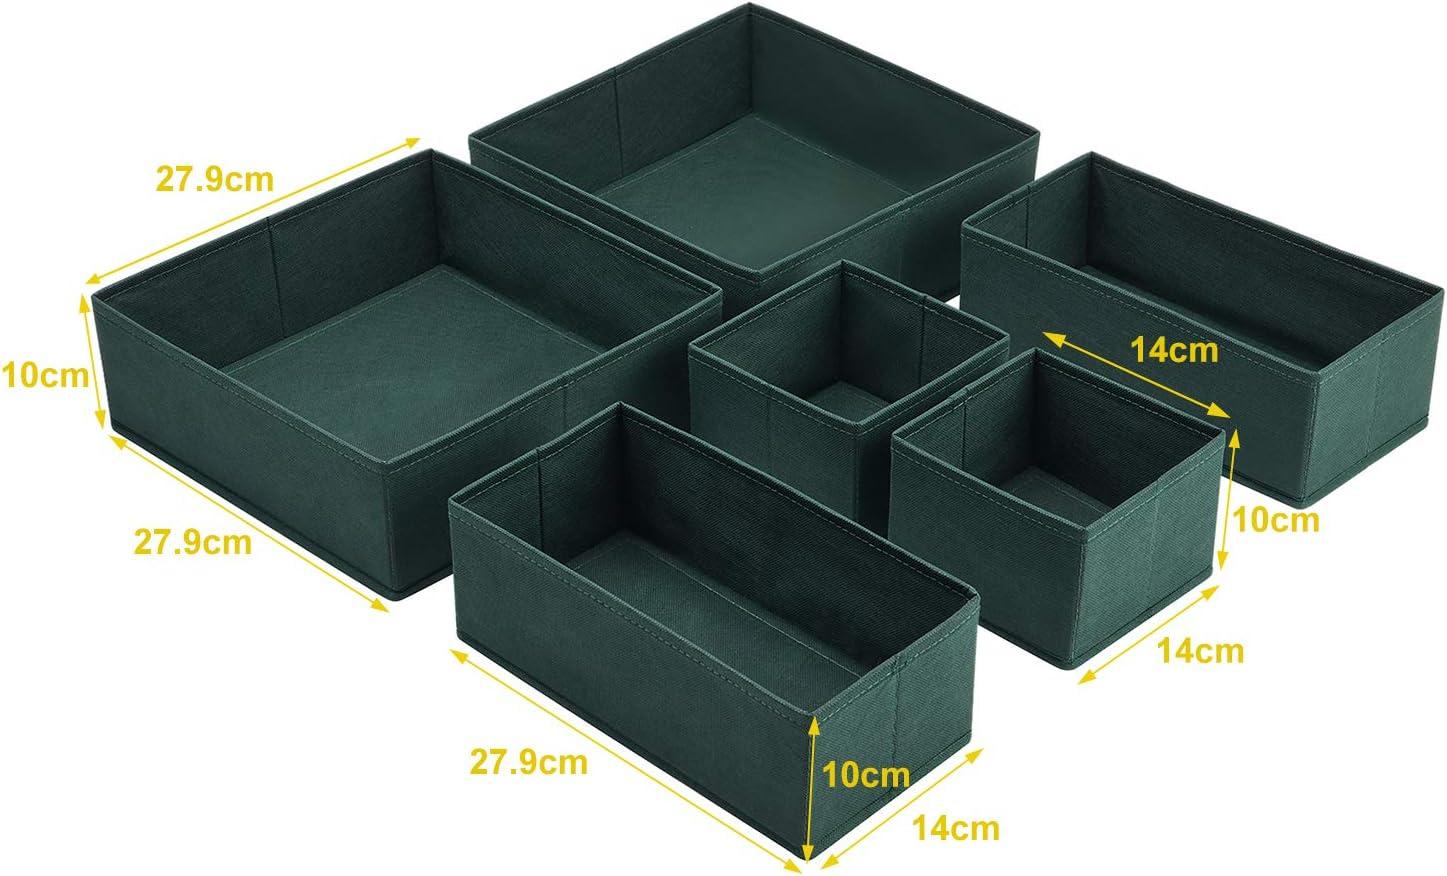 Kleiderschrank Schubladen Organizer Ordnungsbox f/ür Unterw/äsche BH Dessous Socken Stoffbox Faltbox in 6er Set -Dunkelgr/ün MaidMAX Aufbewahrungsbox Schubladen Ordnungssystem